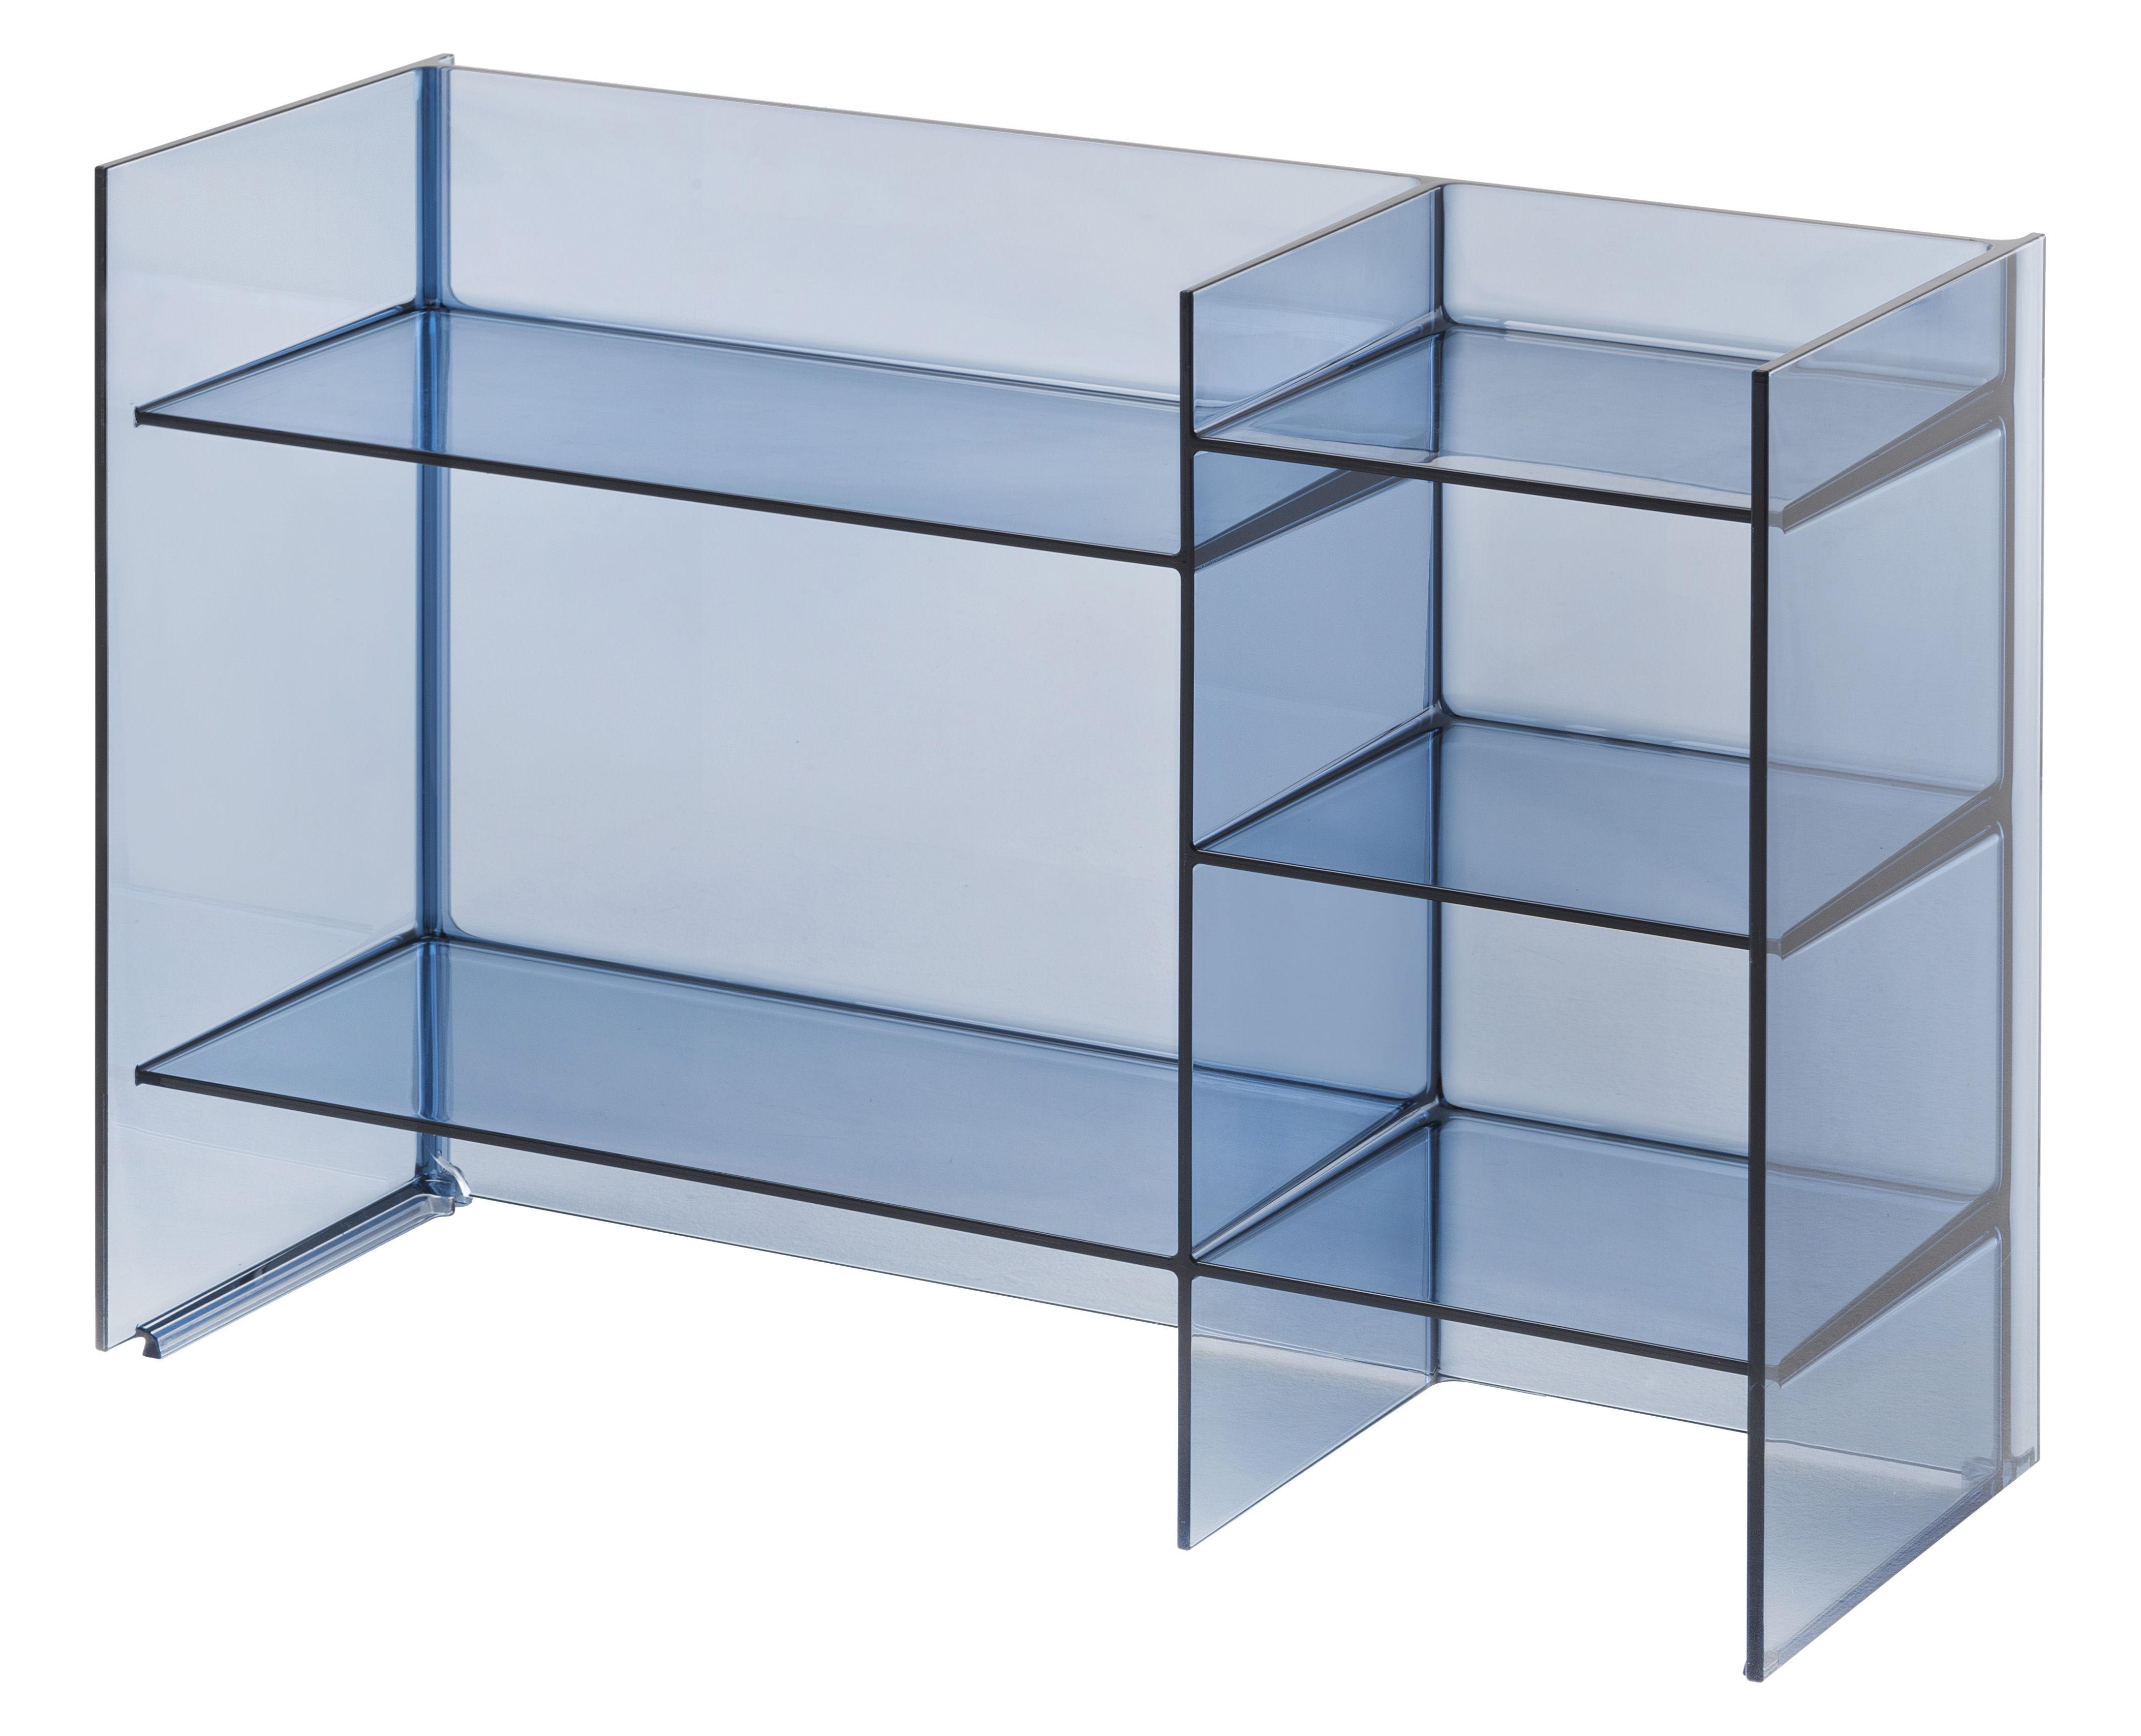 Möbel - Regale und Bücherregale - Sound-Rack Aufbewahrungsmöbel / L 75 cm x H 53 cm - Kartell - Nachtblau - PMMA